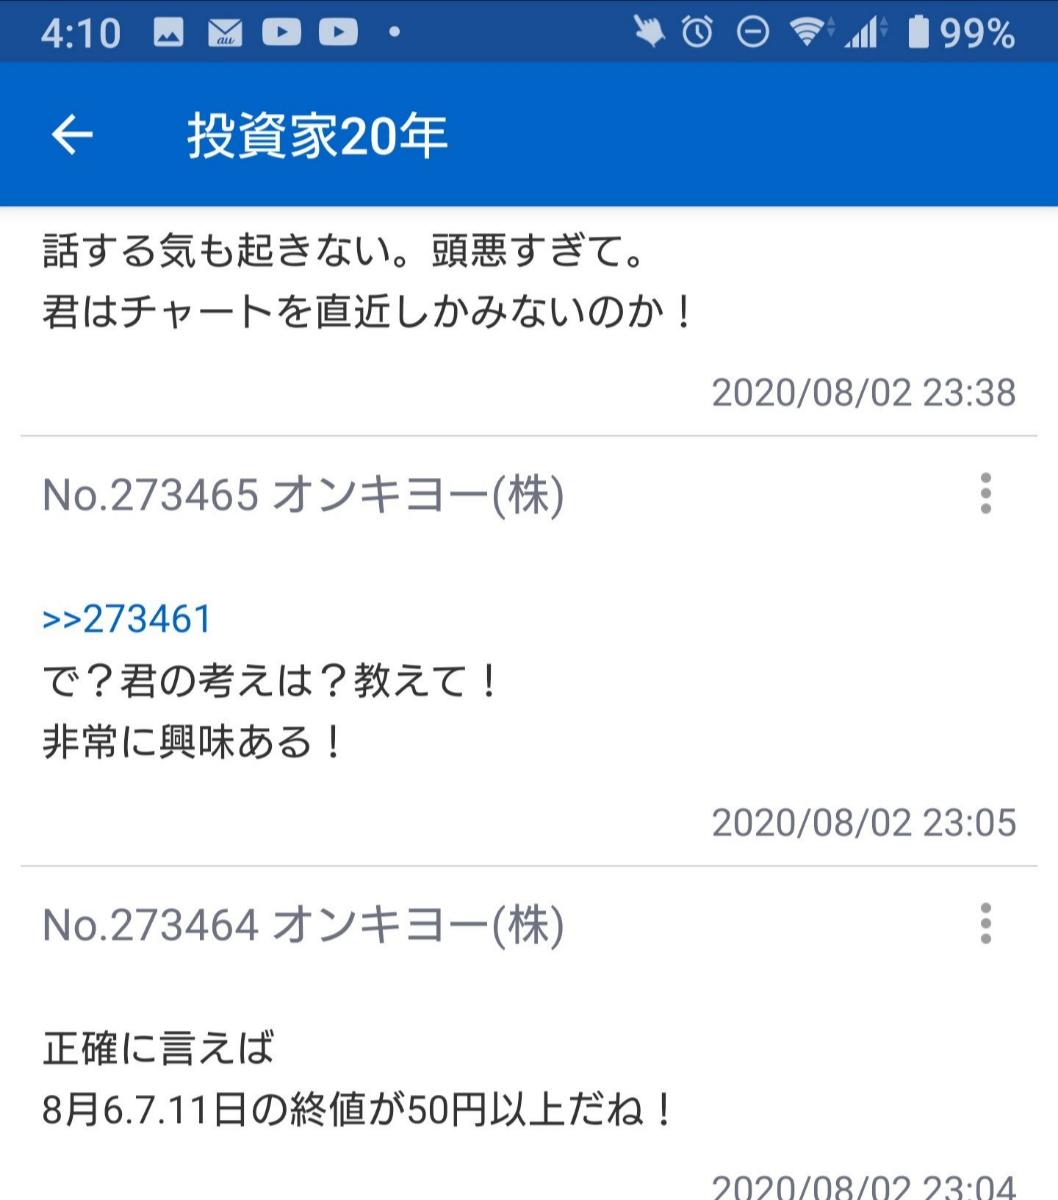 6628 - オンキヨー(株) 50えん祭り、はじまるよ